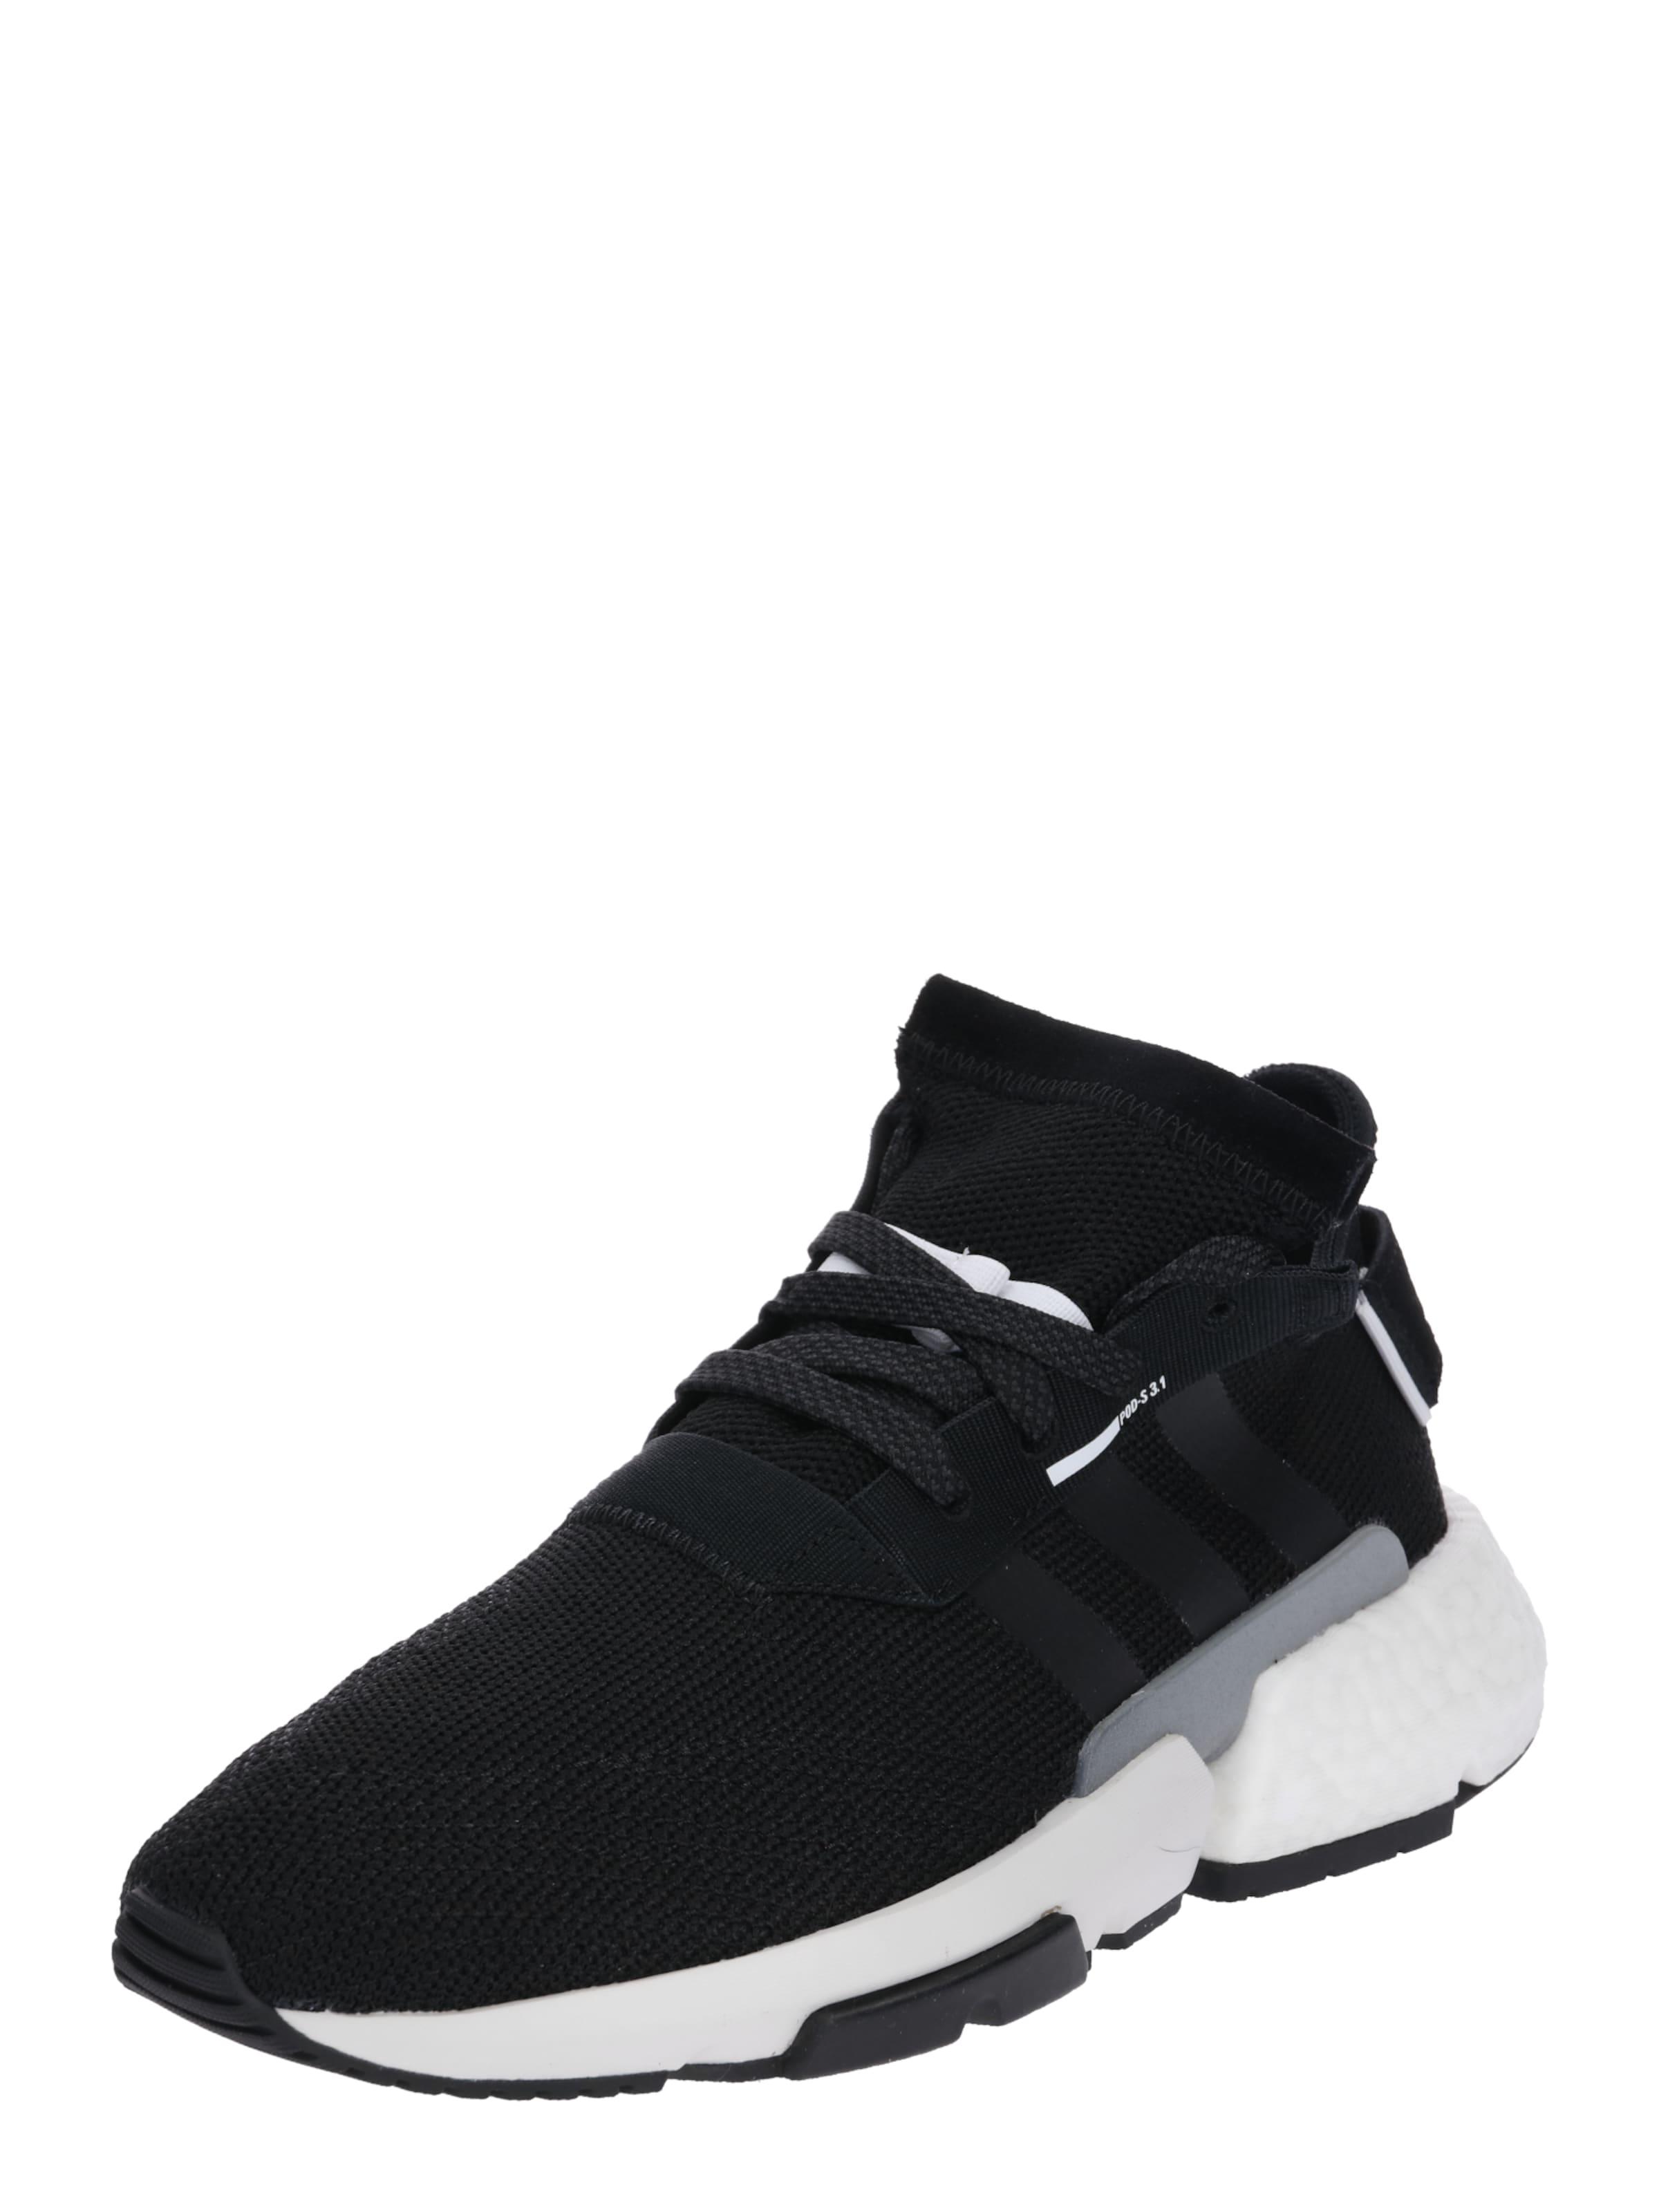 Originals SchwarzWeiß 'pod Adidas 1' s3 In Sneaker EDH9I2